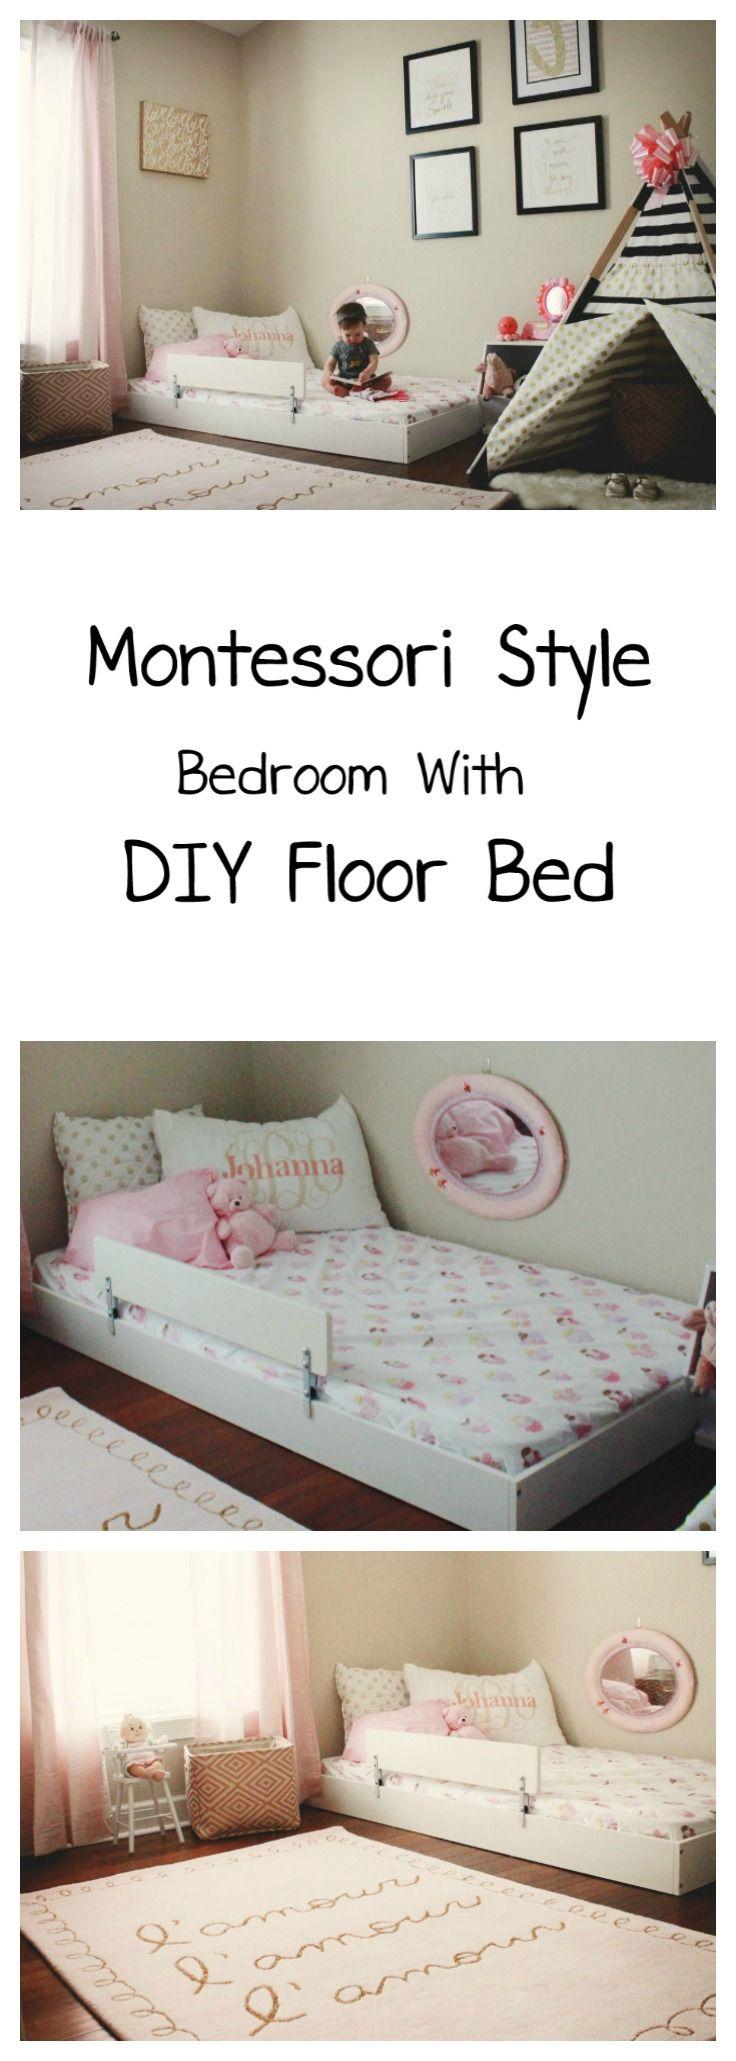 die 25 besten montessori schlafzimmer ideen auf pinterest. Black Bedroom Furniture Sets. Home Design Ideas